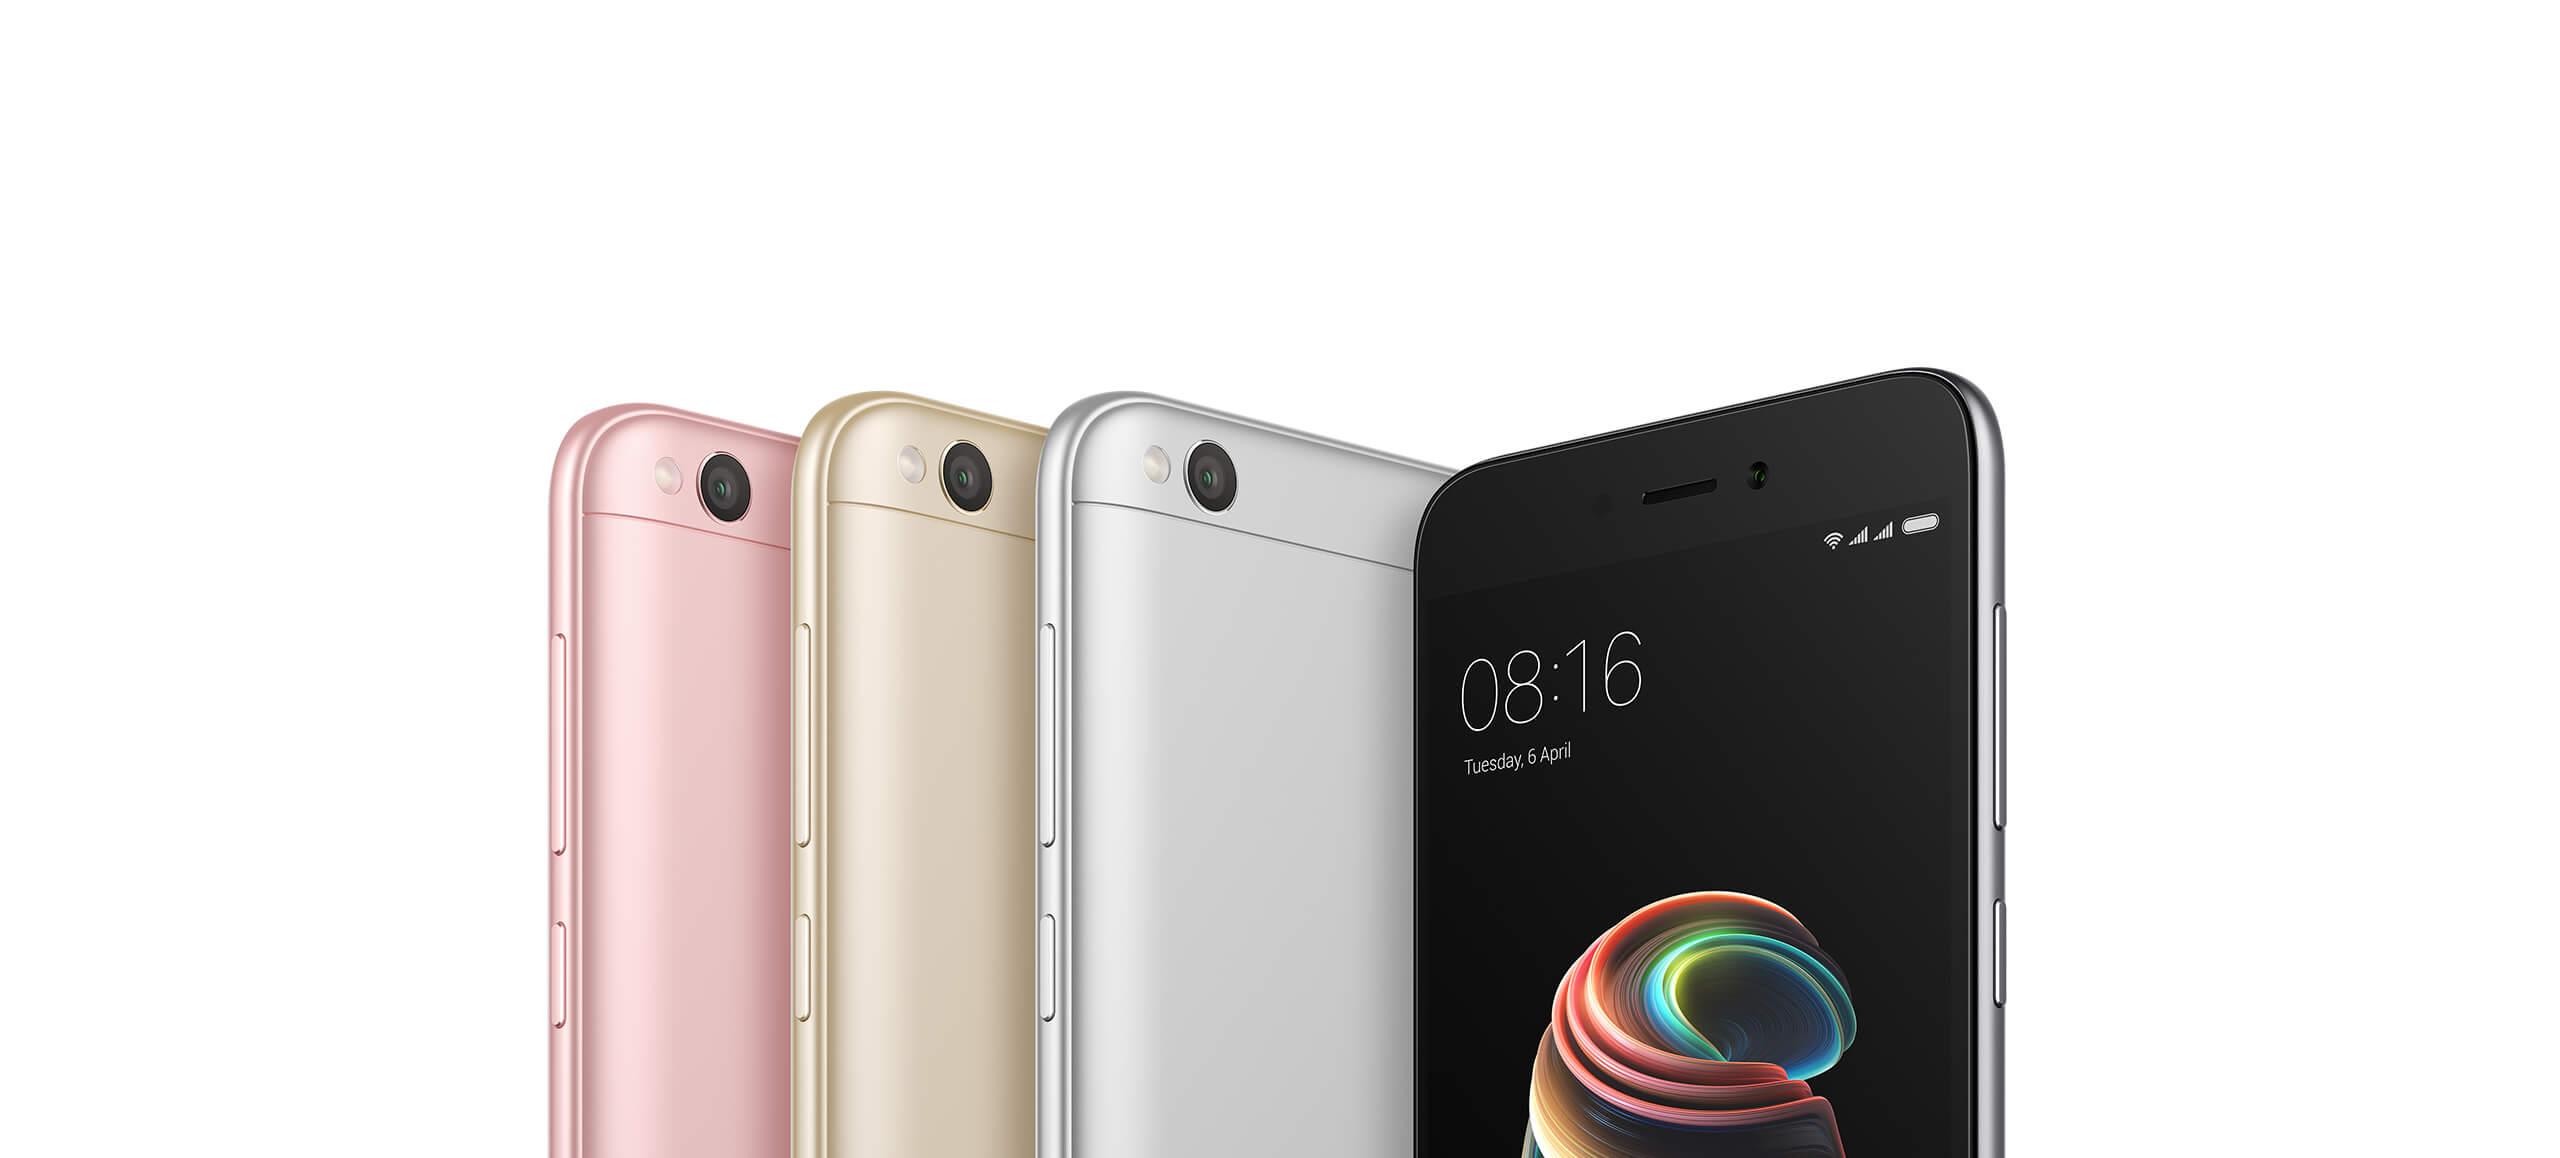 Redmi 4g mobile price list 5a